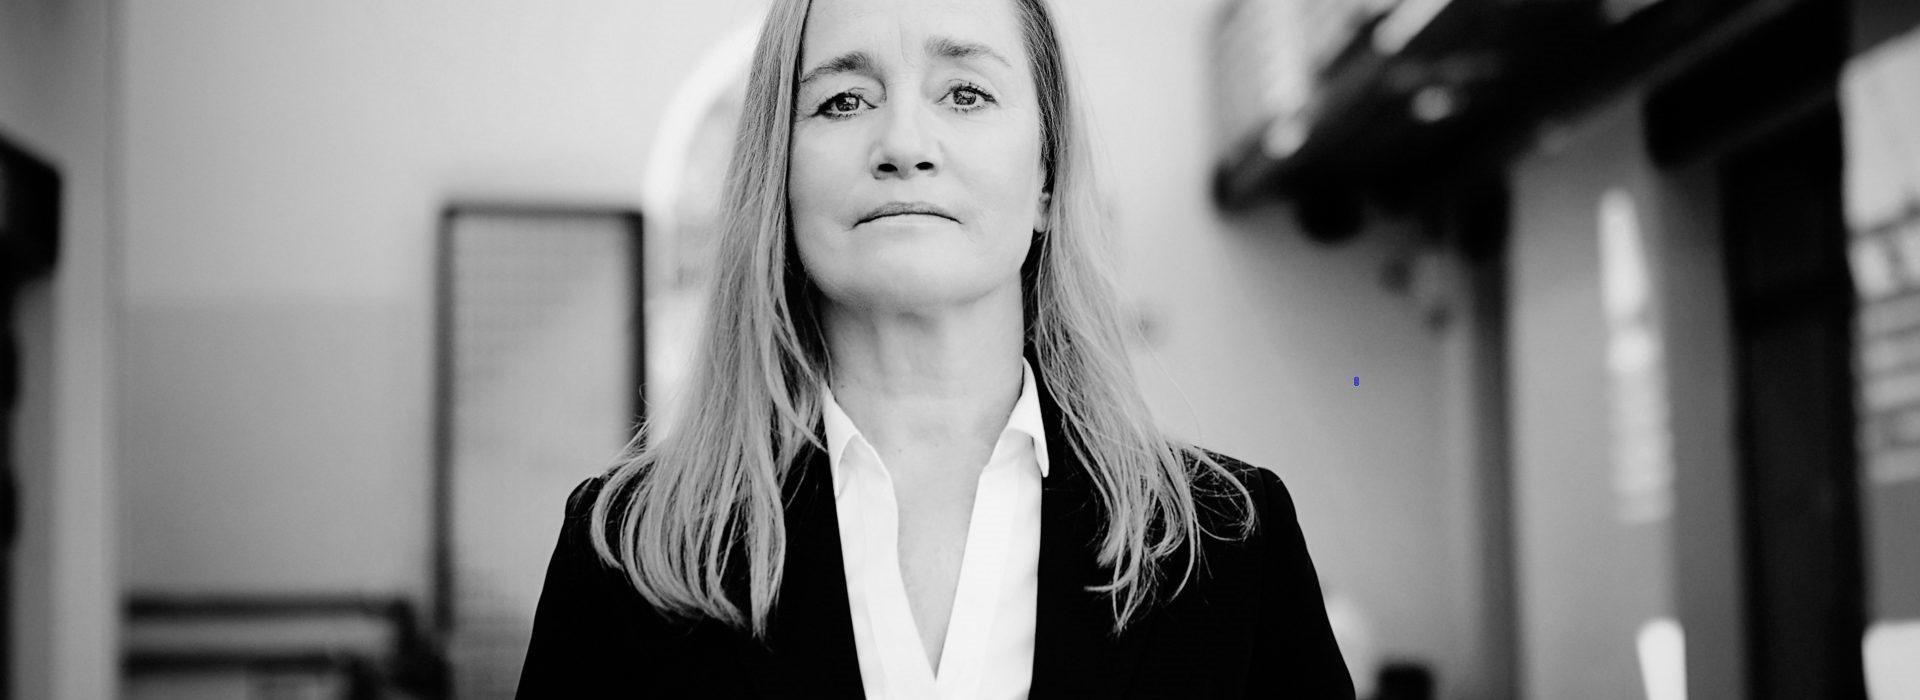 Nadja-Engel-©-Petite-Machine-B-21-sw-1920x1276-2-1920x700